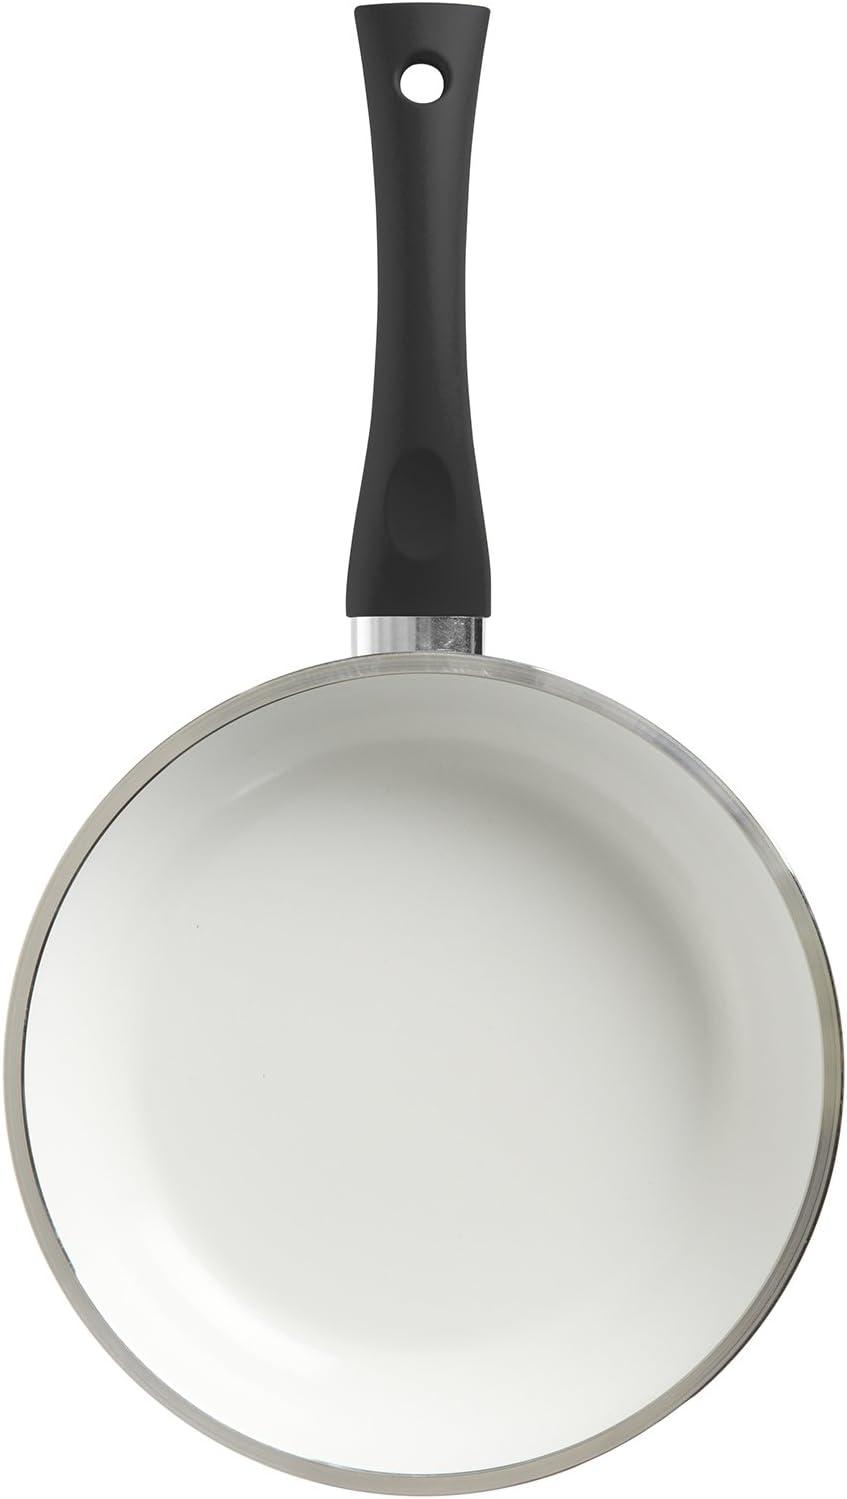 Amazon.com: Ceracraft cerámica sartenes y compatible con ...